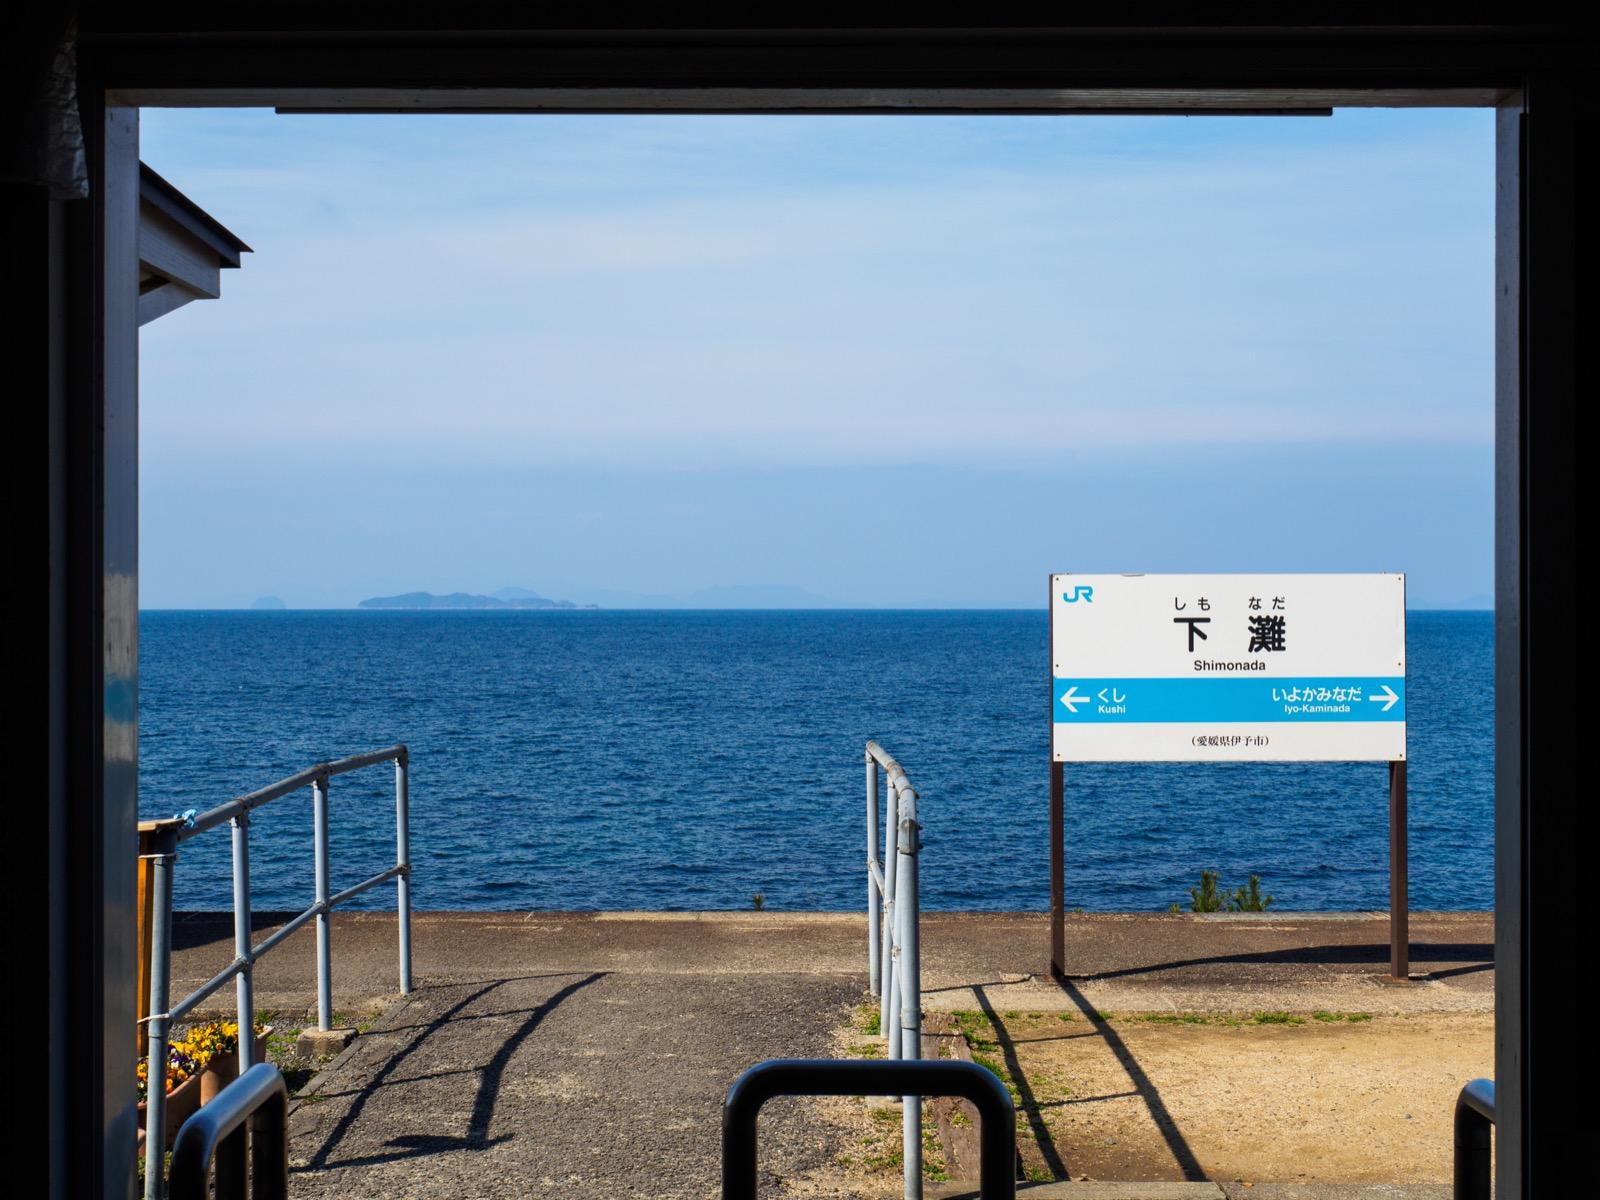 下灘駅の駅舎から見た瀬戸内海